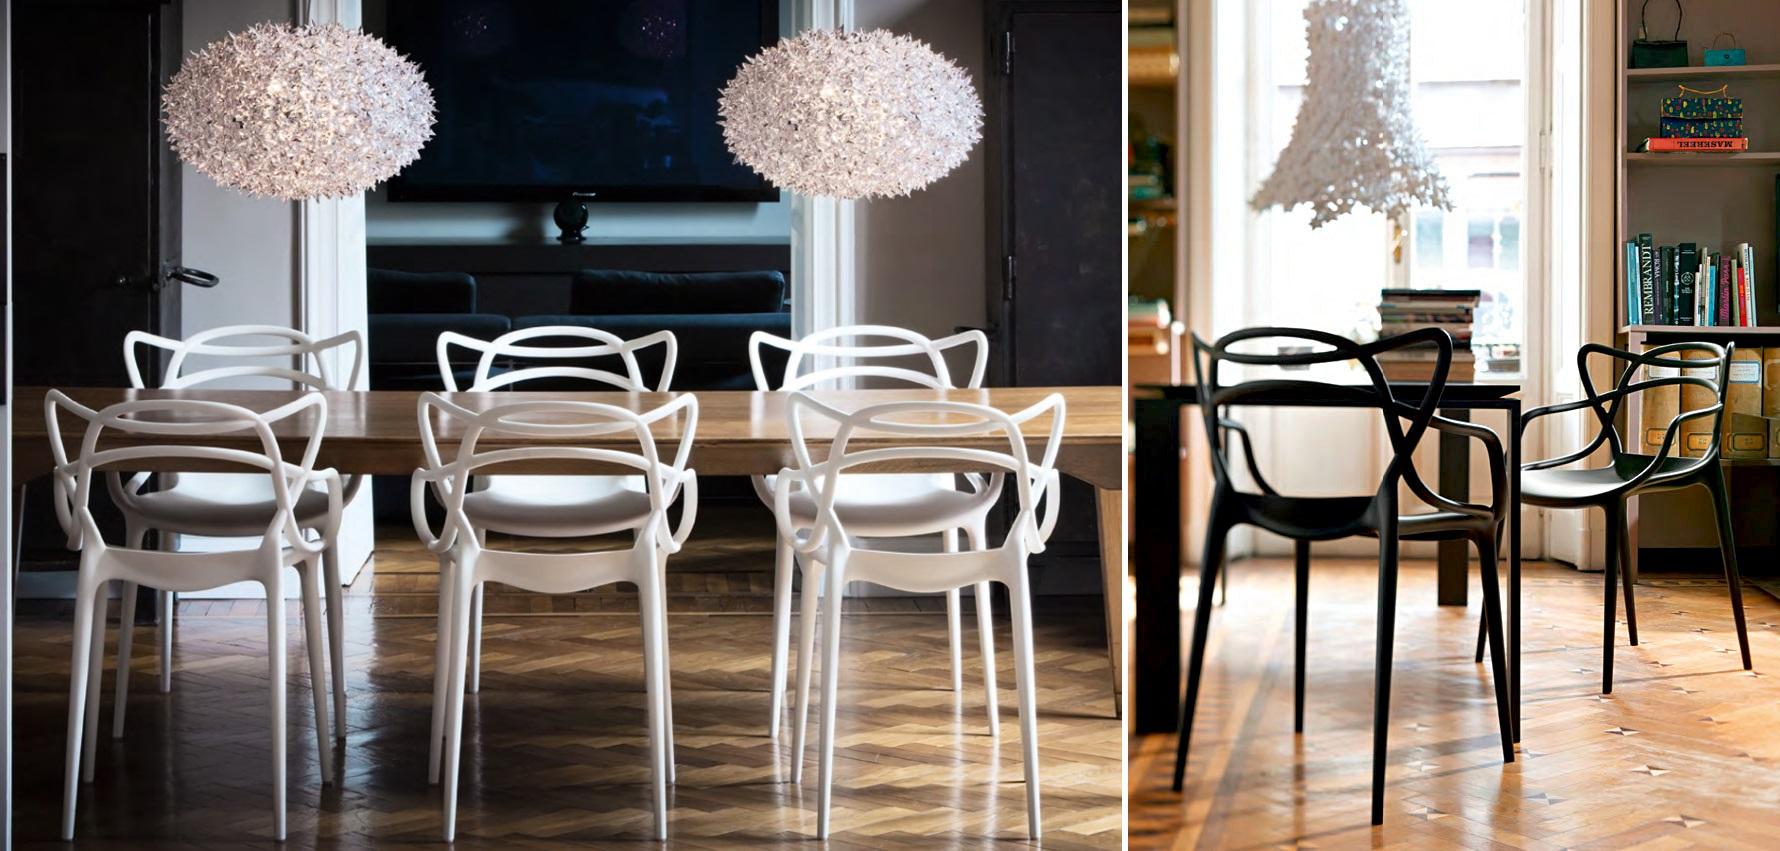 kartell-chairs-main